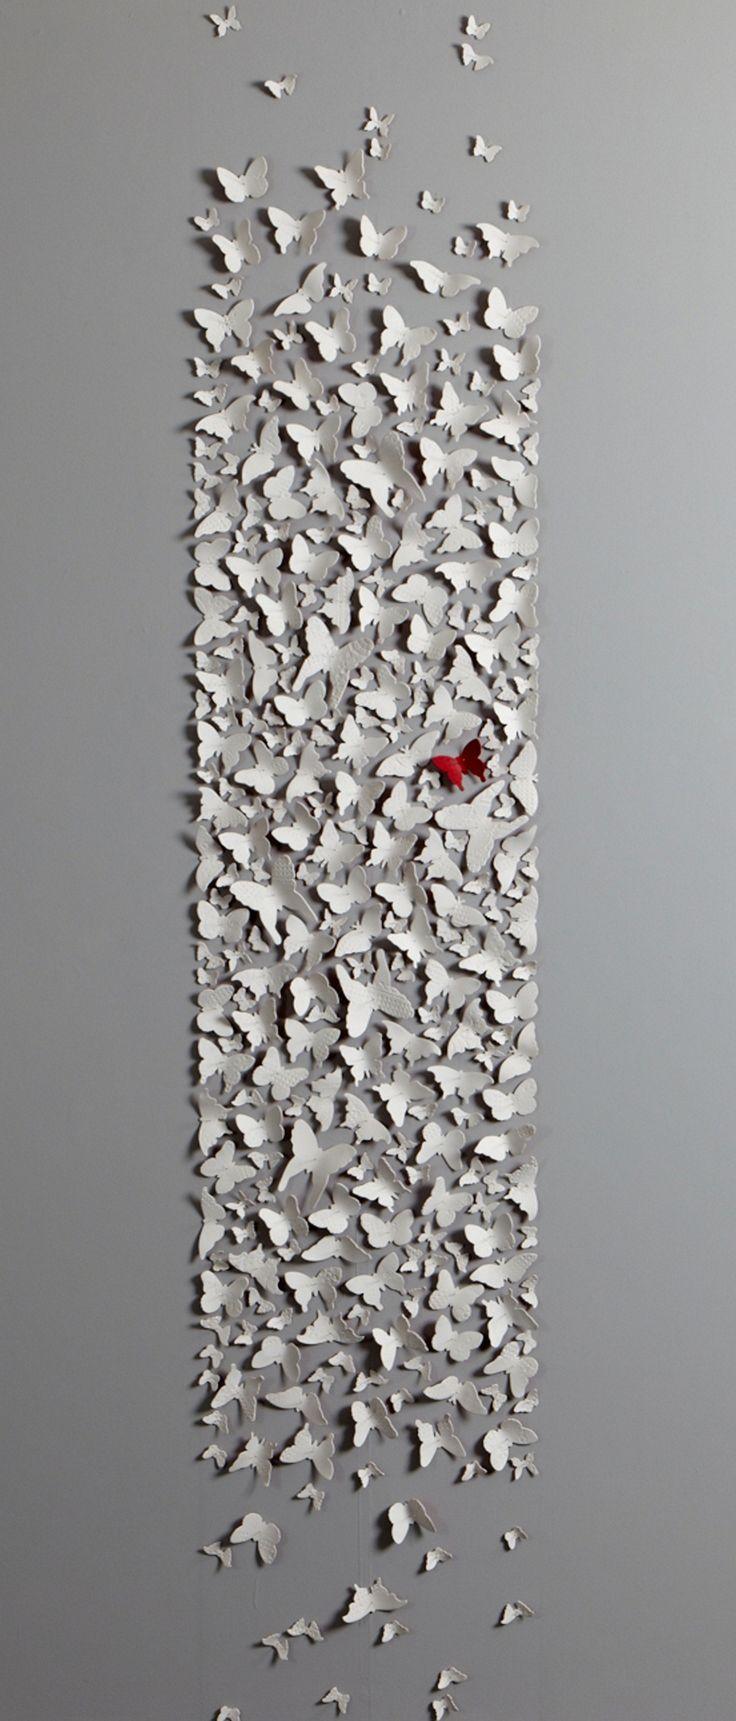 Mit Porzellan Oder Salzteig Oder Ähnliches An Der Wand Gestalten